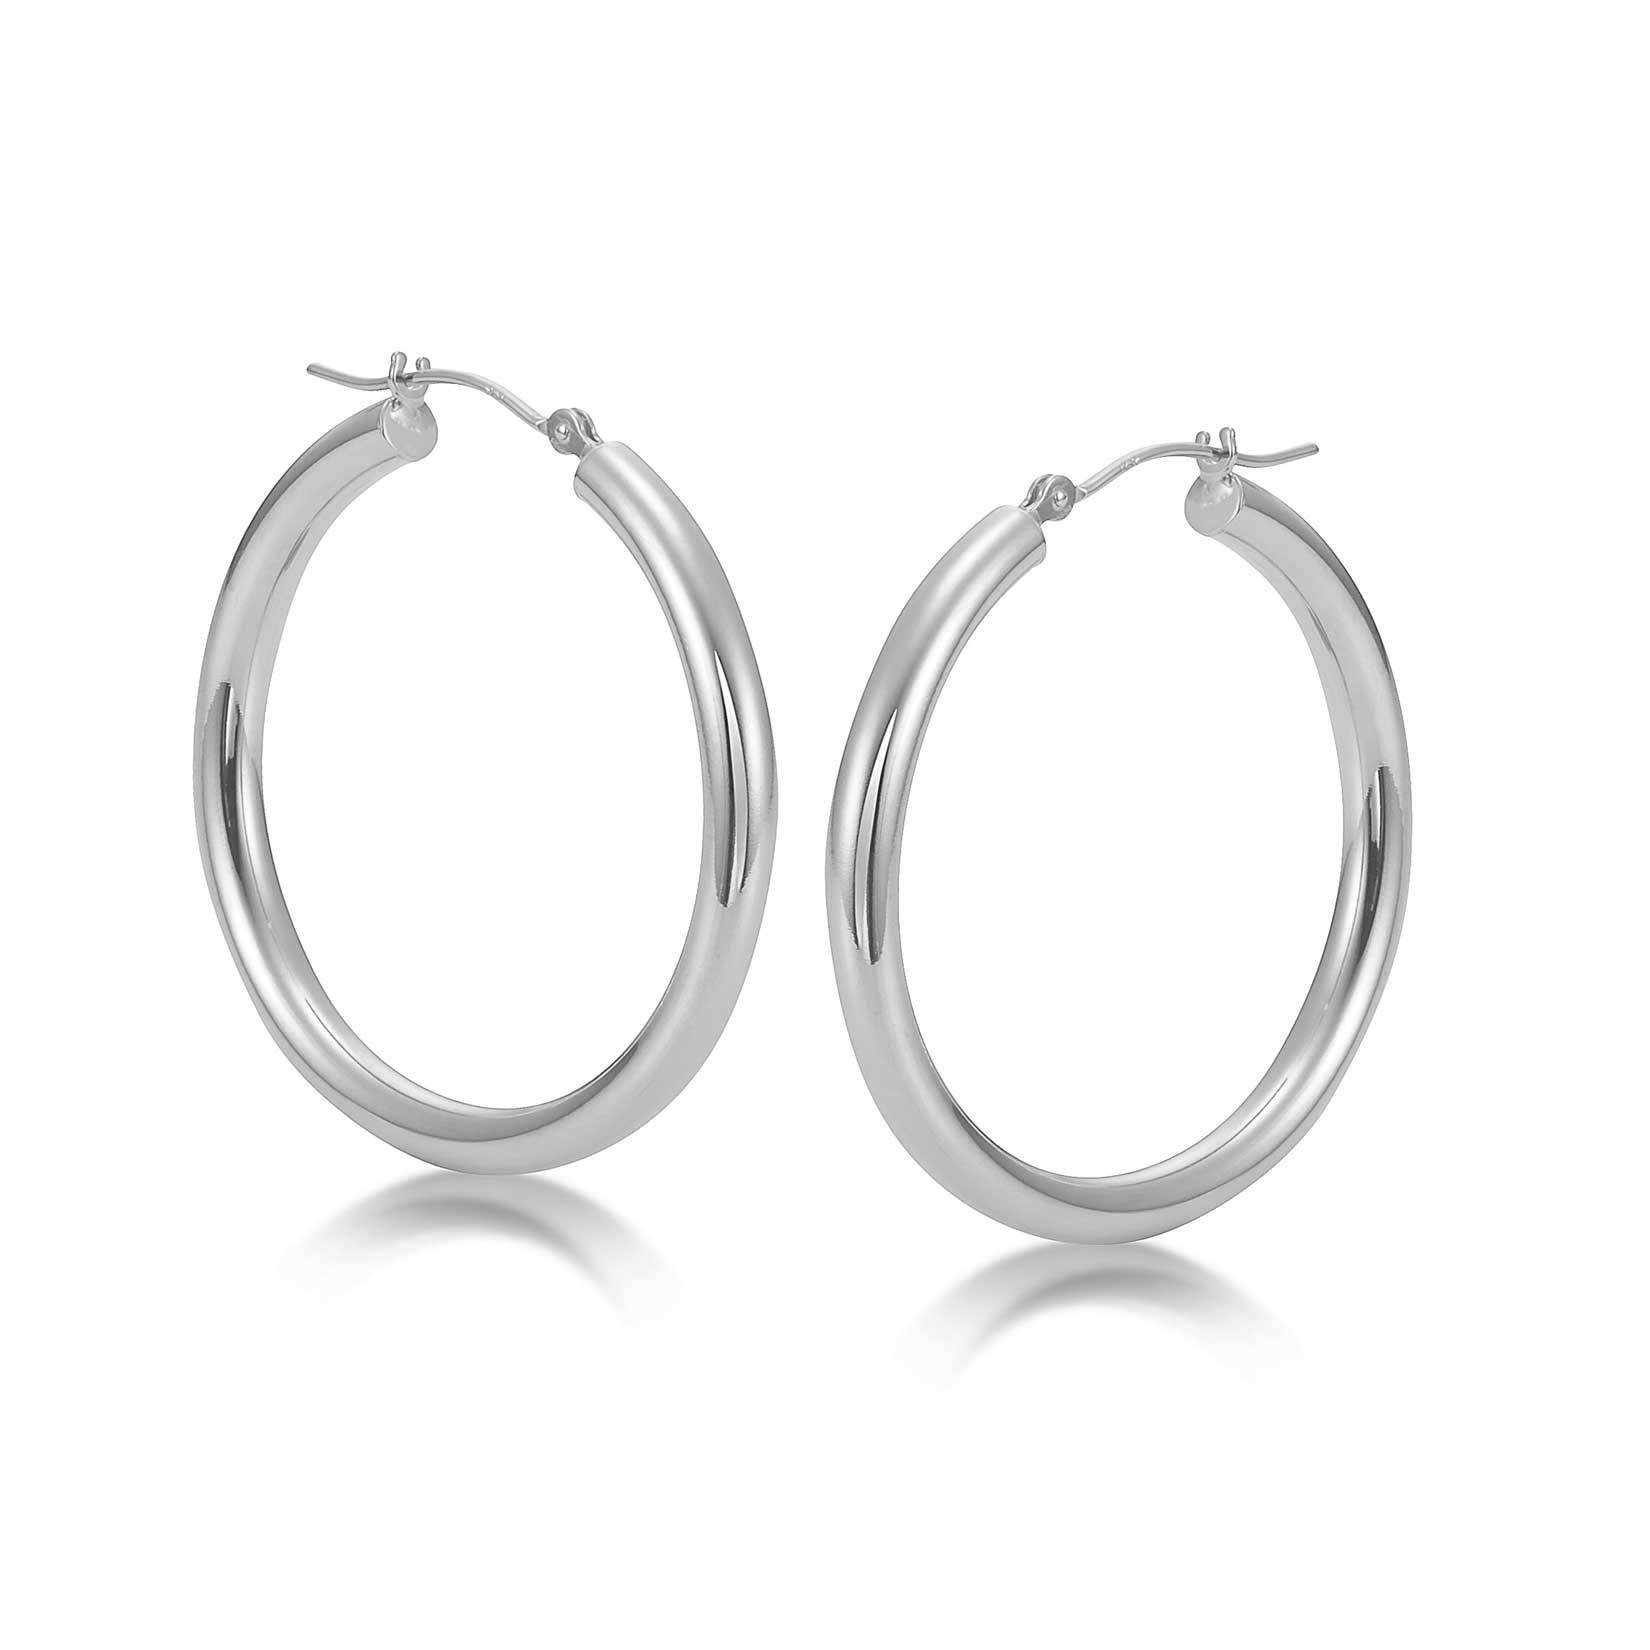 Sterling Silver Hoop Earrings - 3mm x 30mm Click-Top Tube Hoop by KEZEF Creations (Image #2)